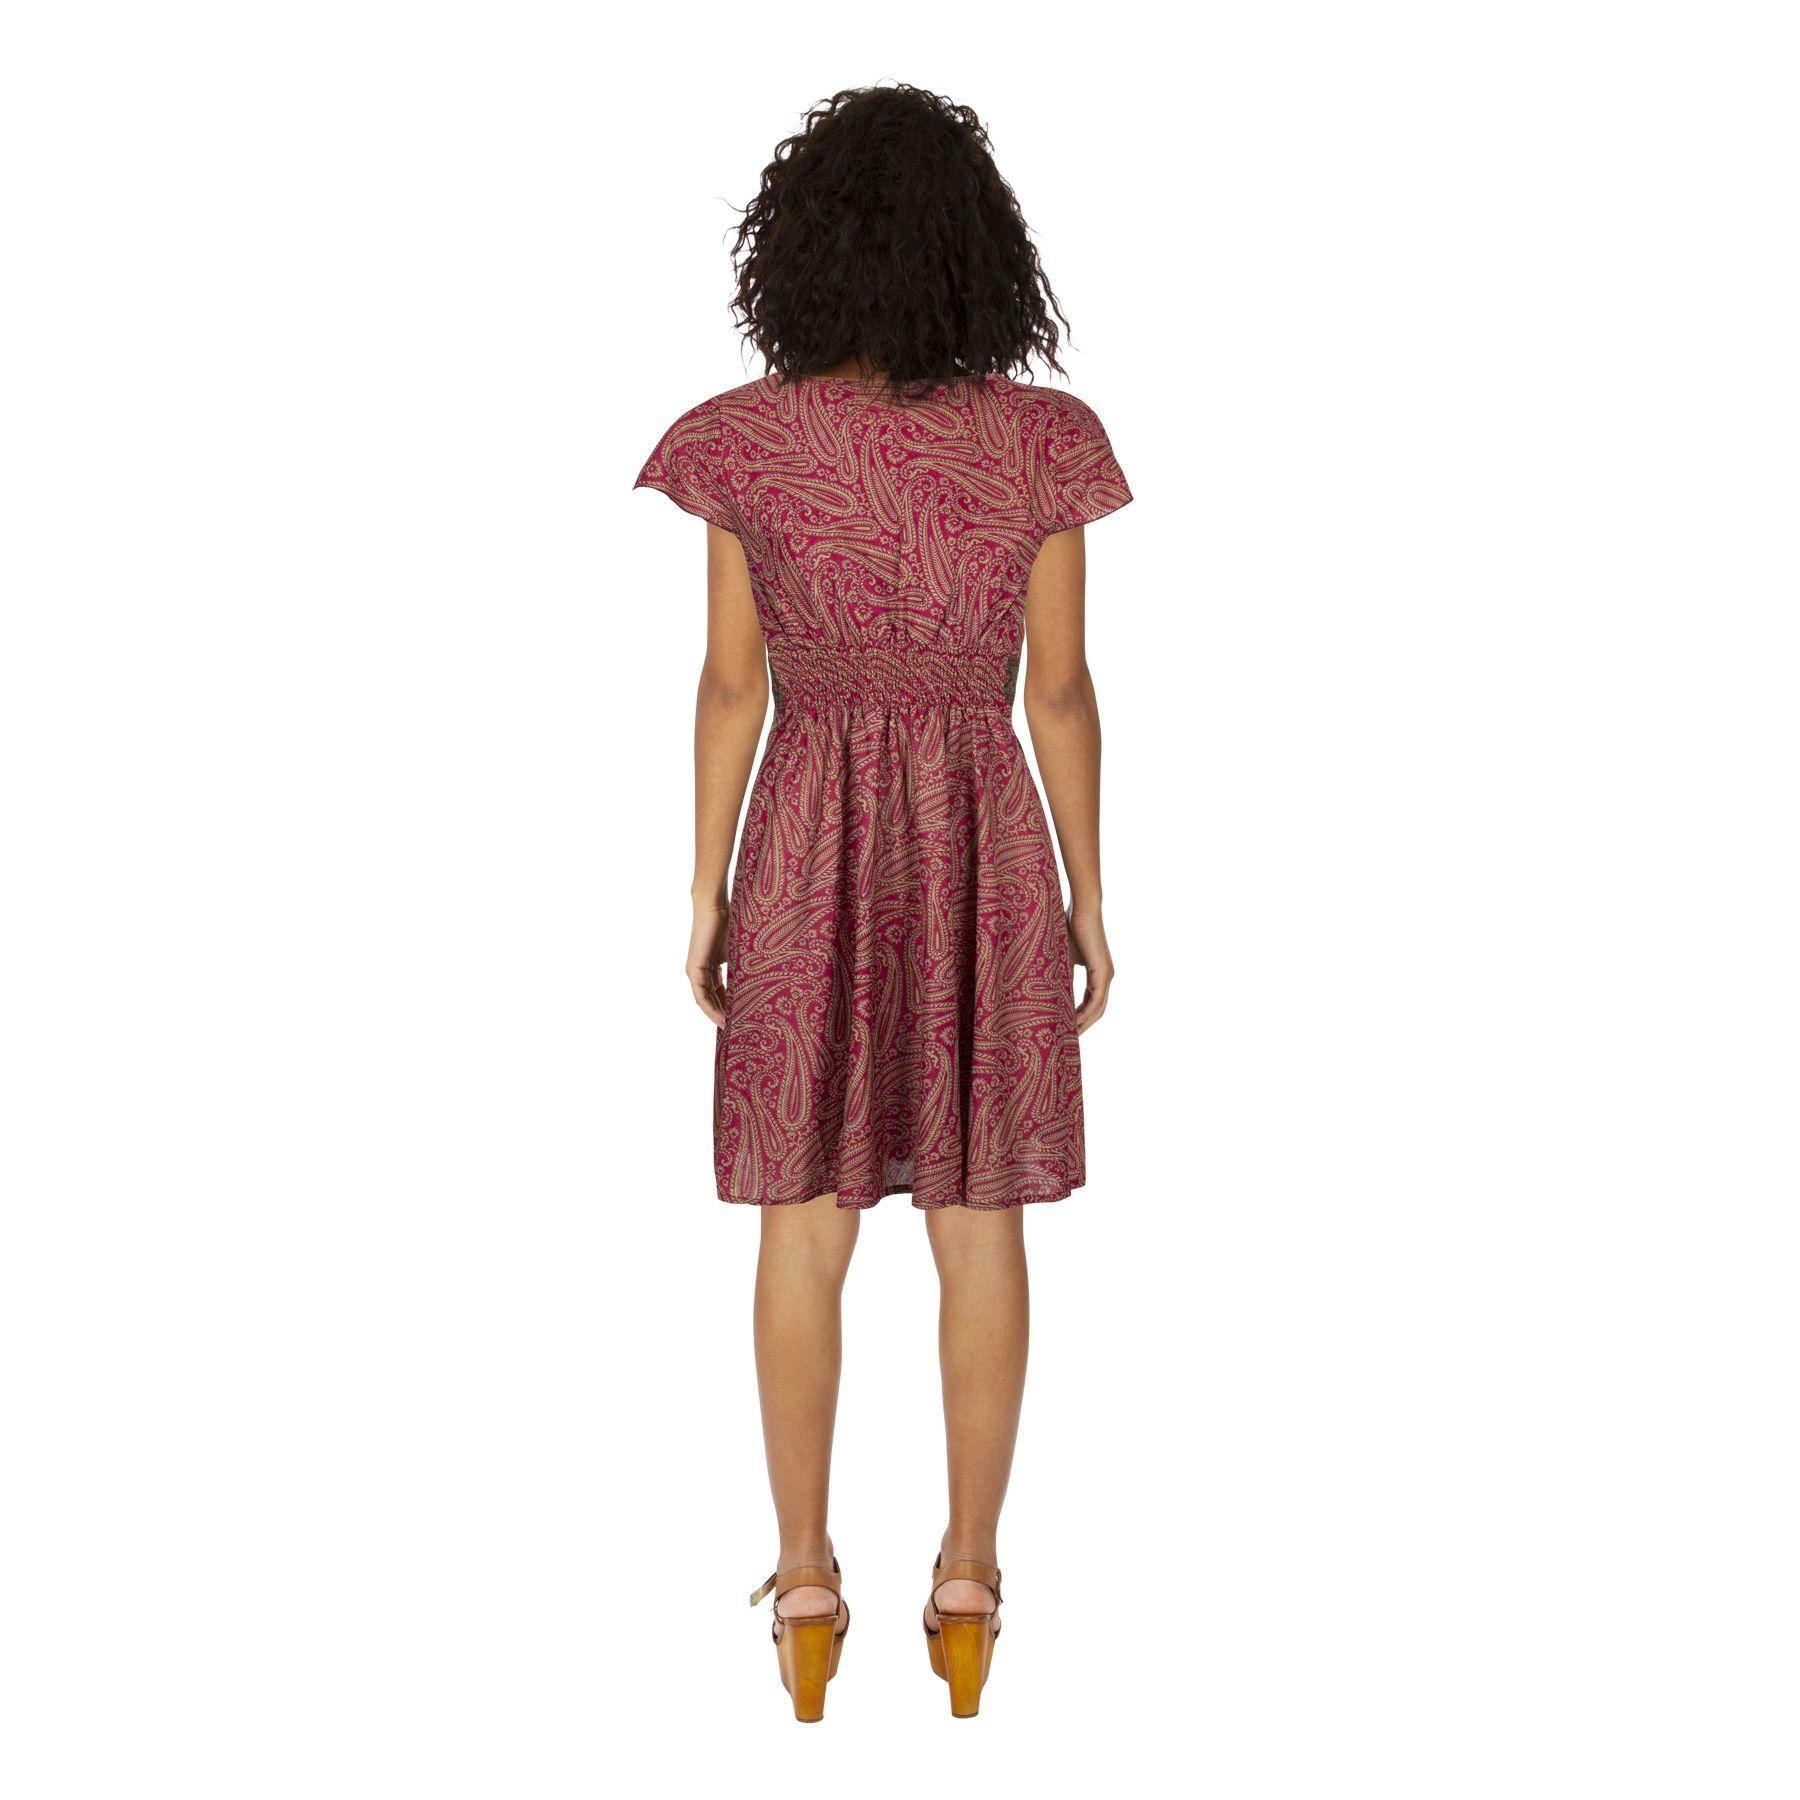 Robe courte été bohème et originale pour femme Yolanda